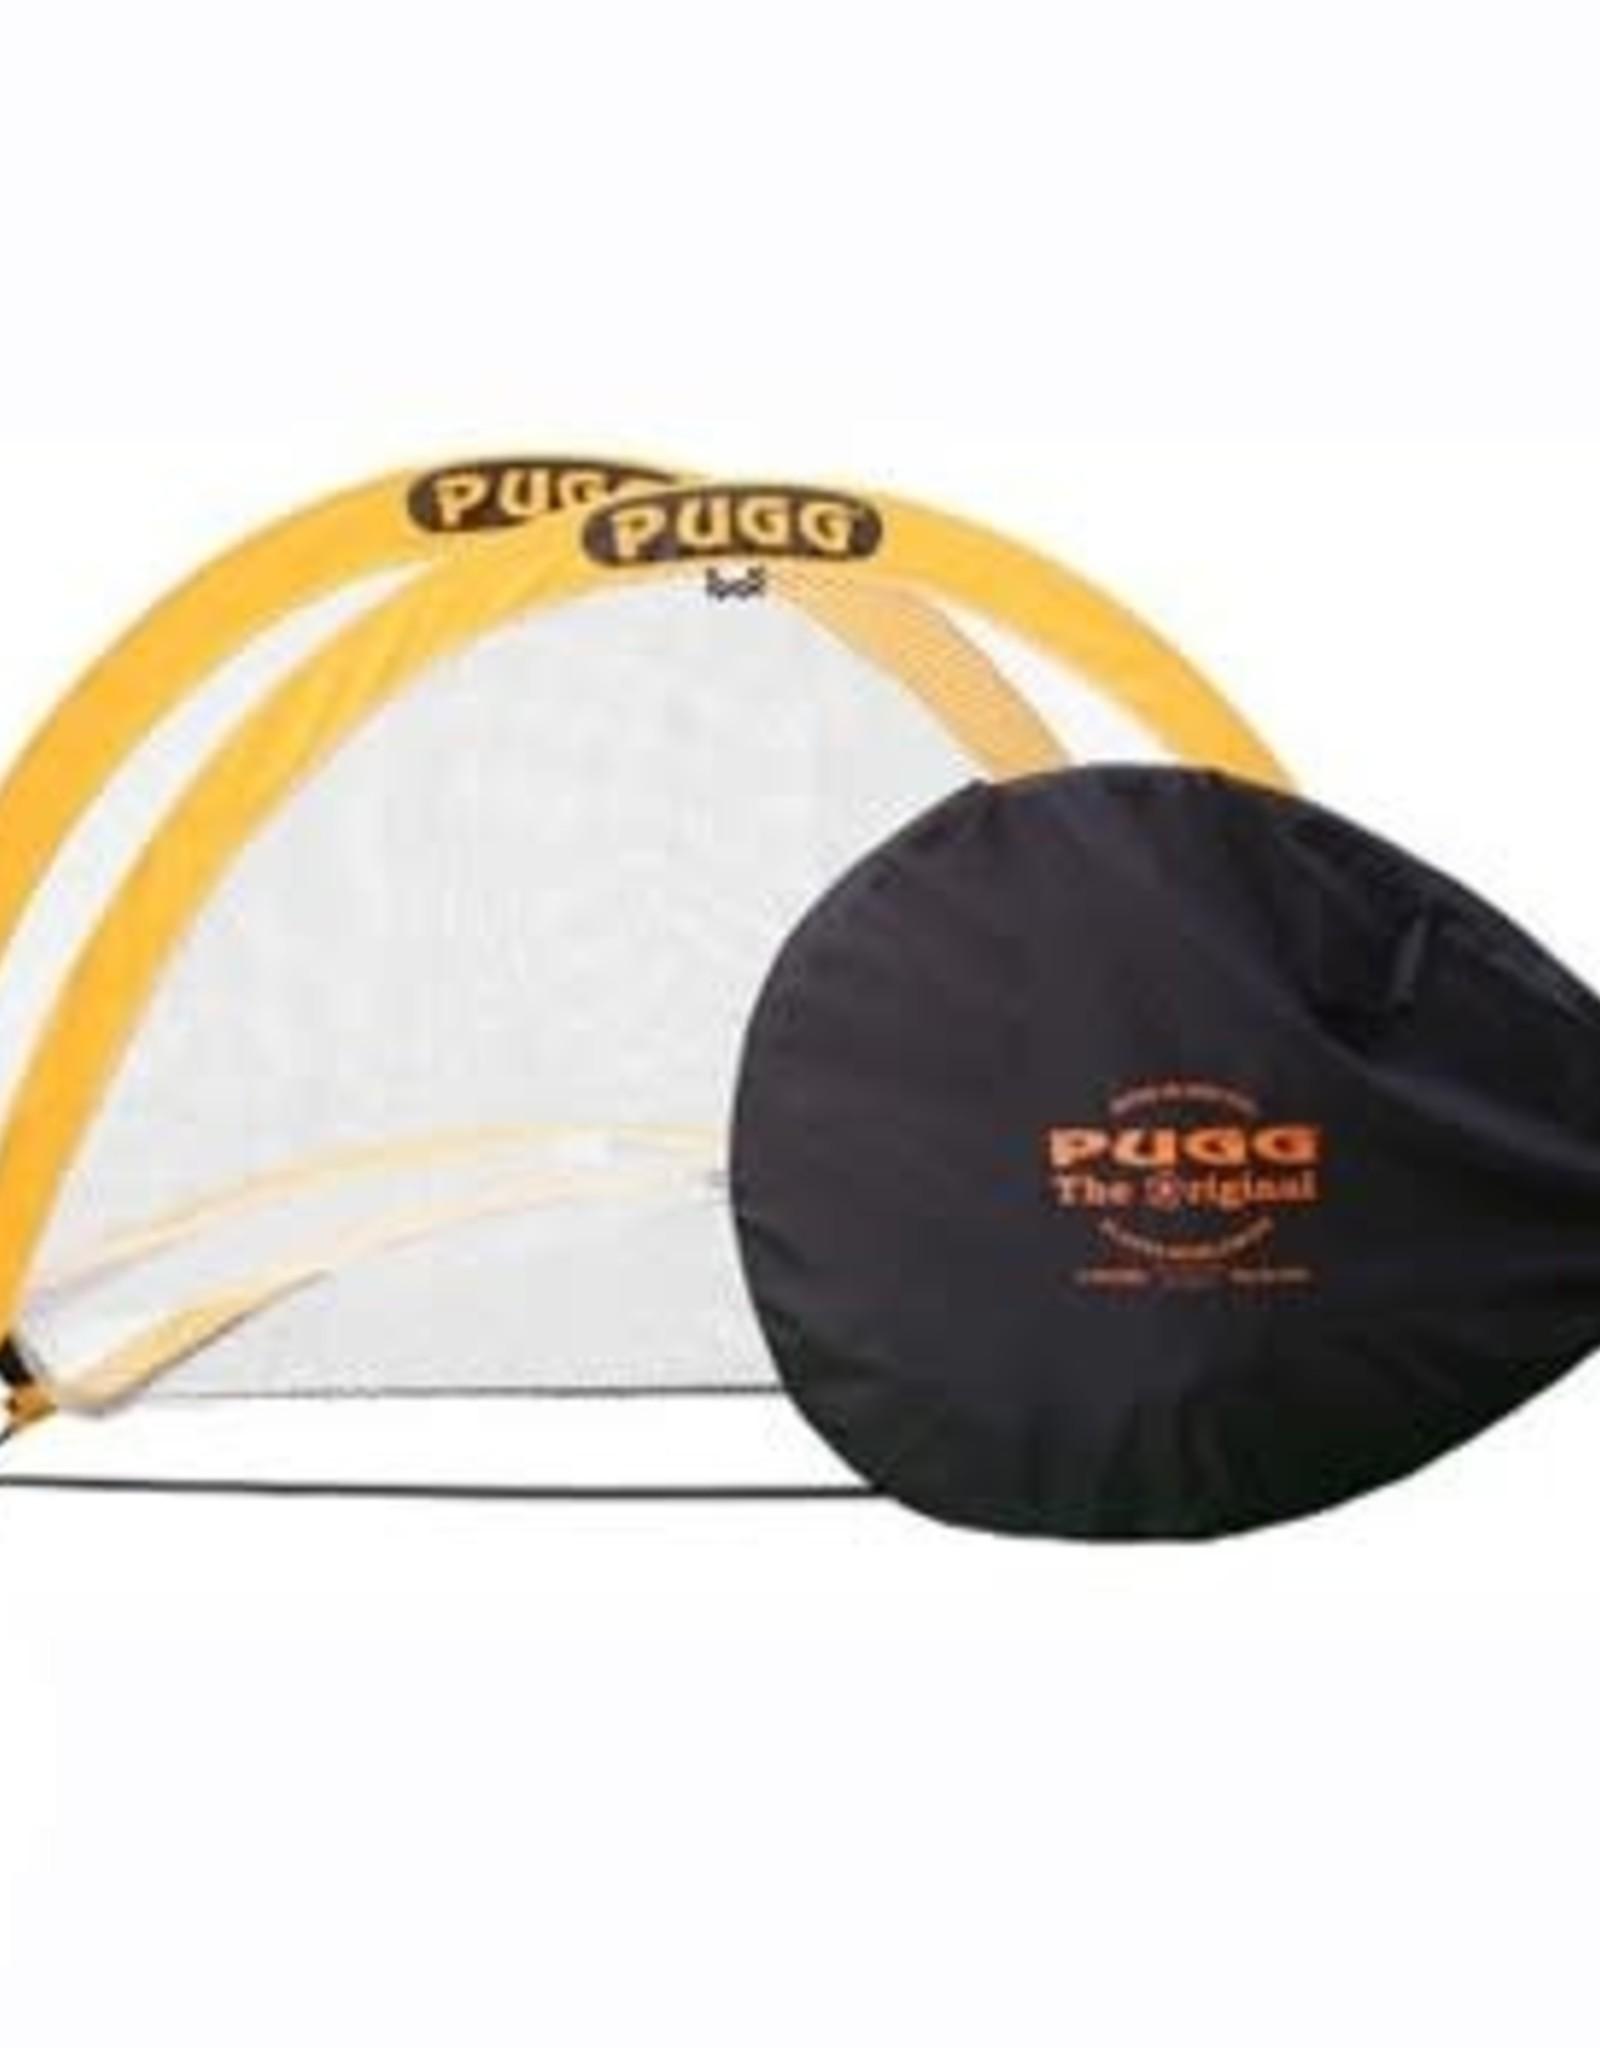 Pugg kwik goal mini cone kit